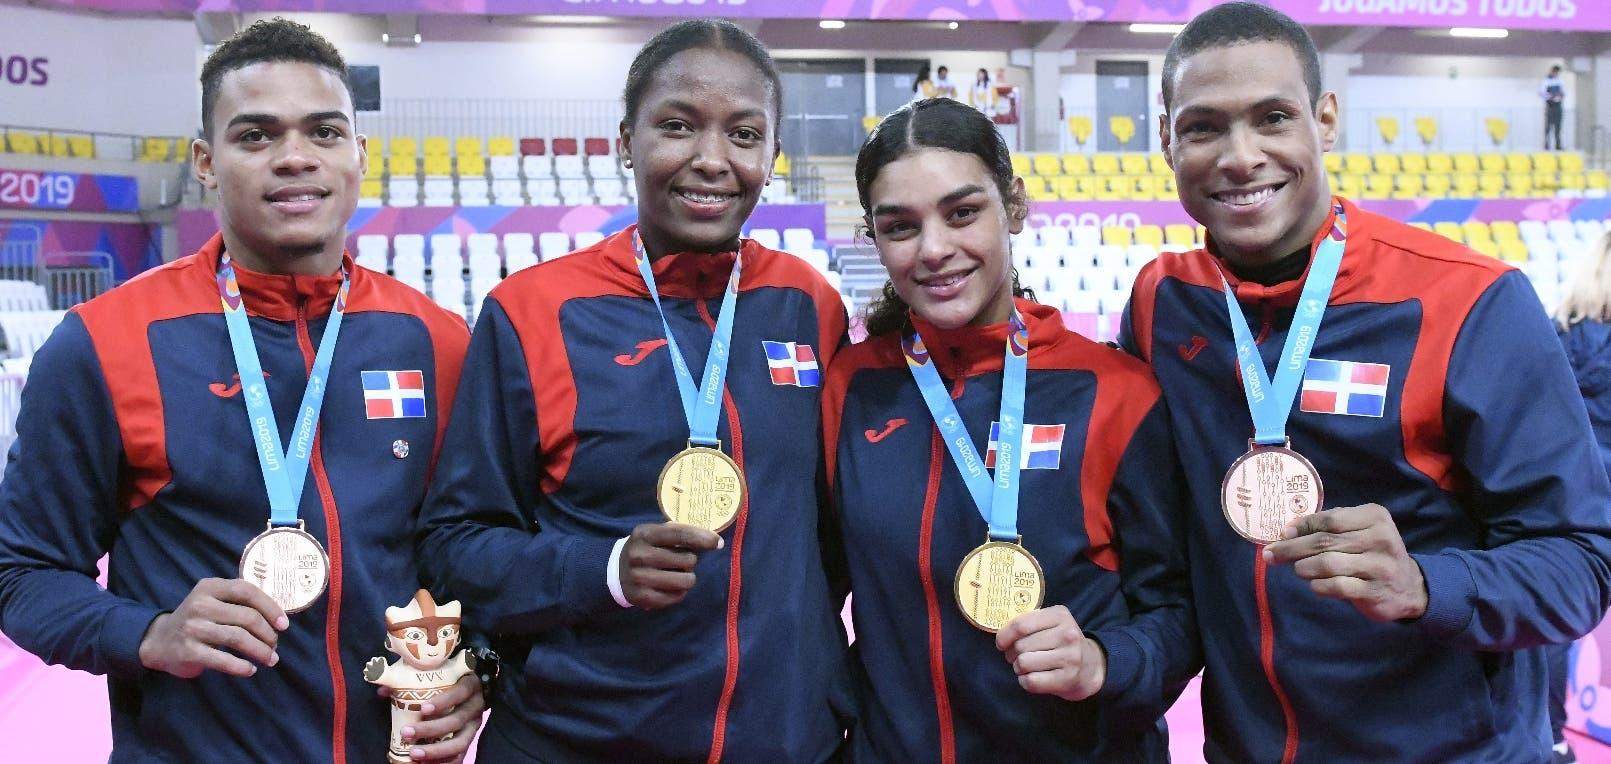 RD supera expectativas Juegos Panamericanos ganando 40 medallas